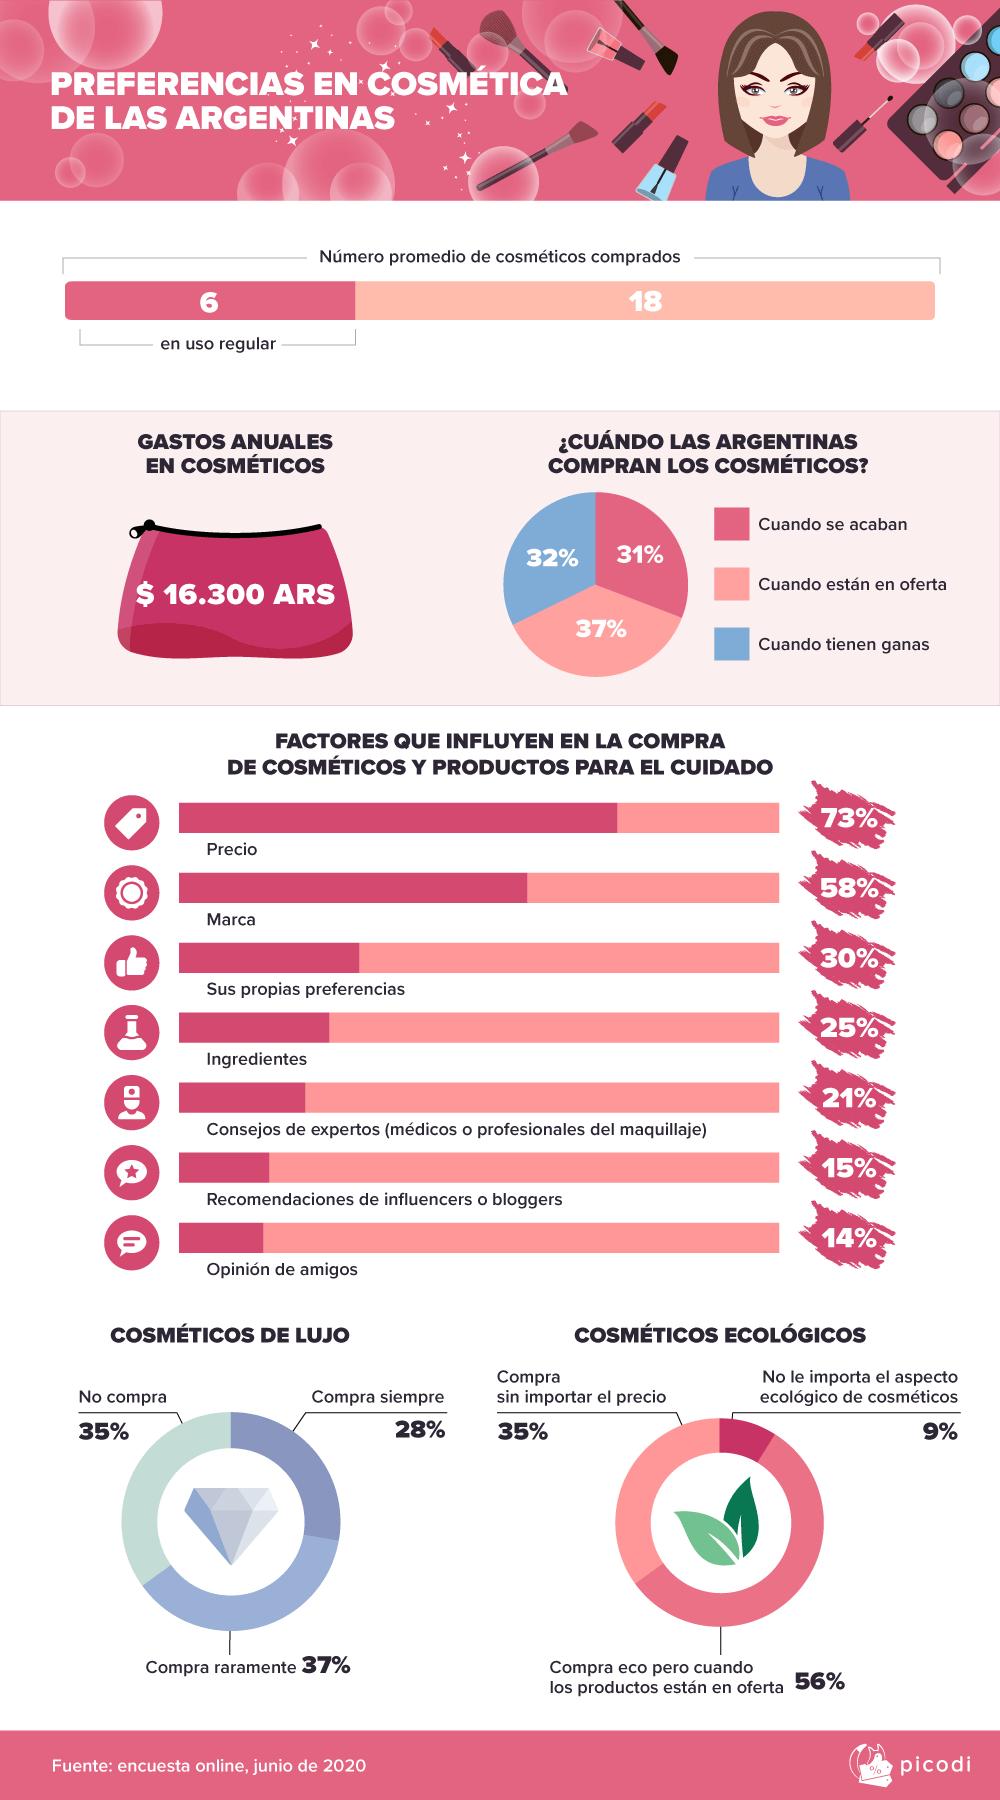 Las argentinas gastan 16.300 pesos en cosméticos cada año [ranking mundial]